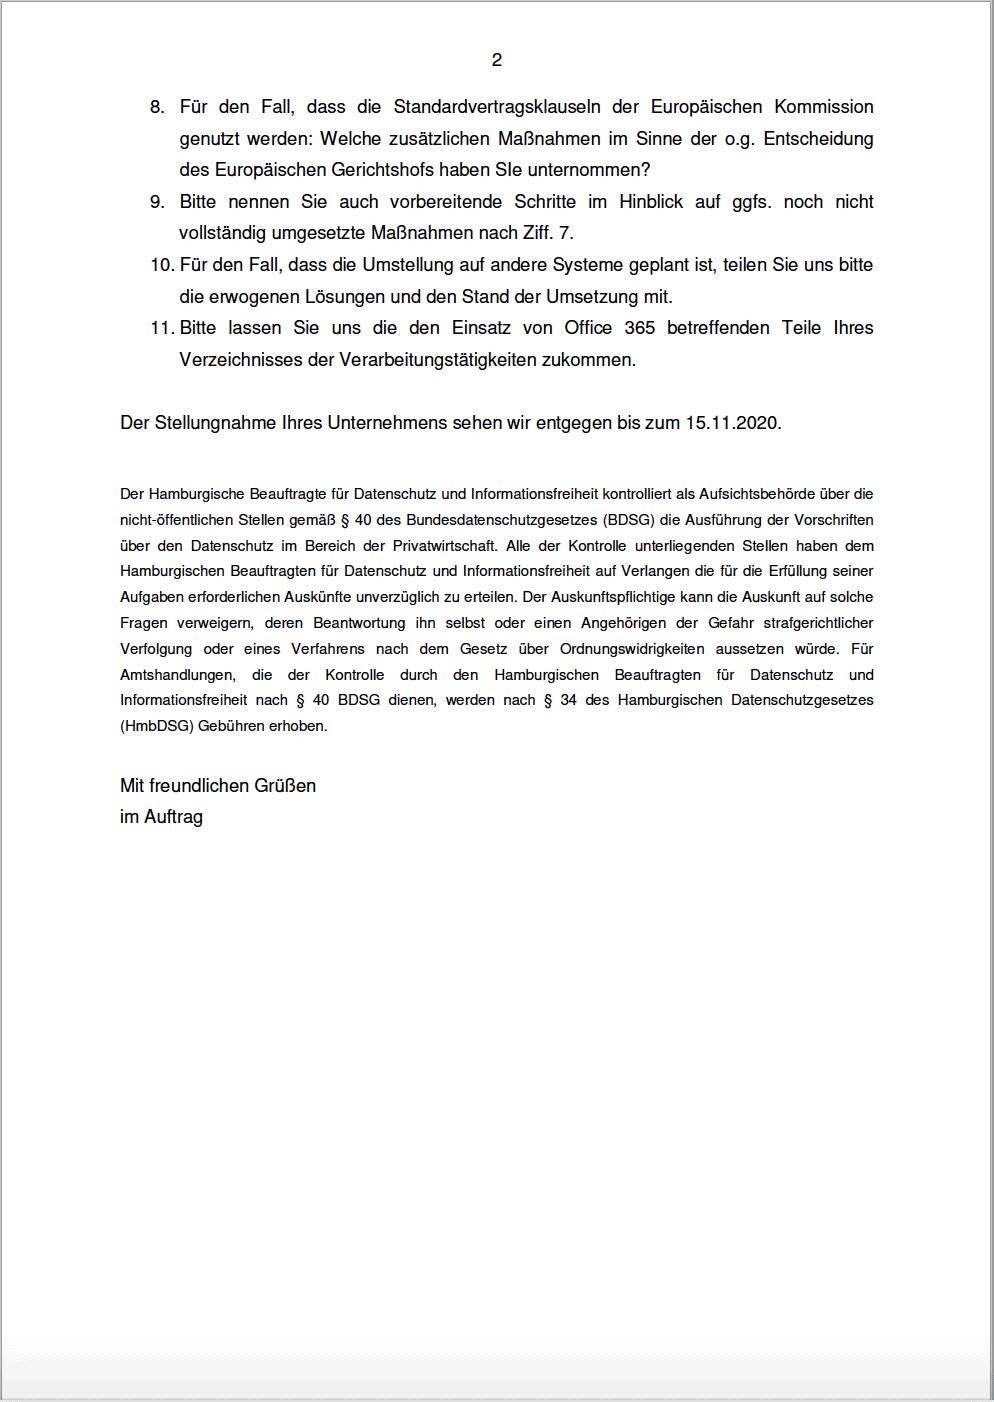 Schreiben des Hamburgischen Beauftragten für Datenschutz und Informationsfreiheit - Teil 2